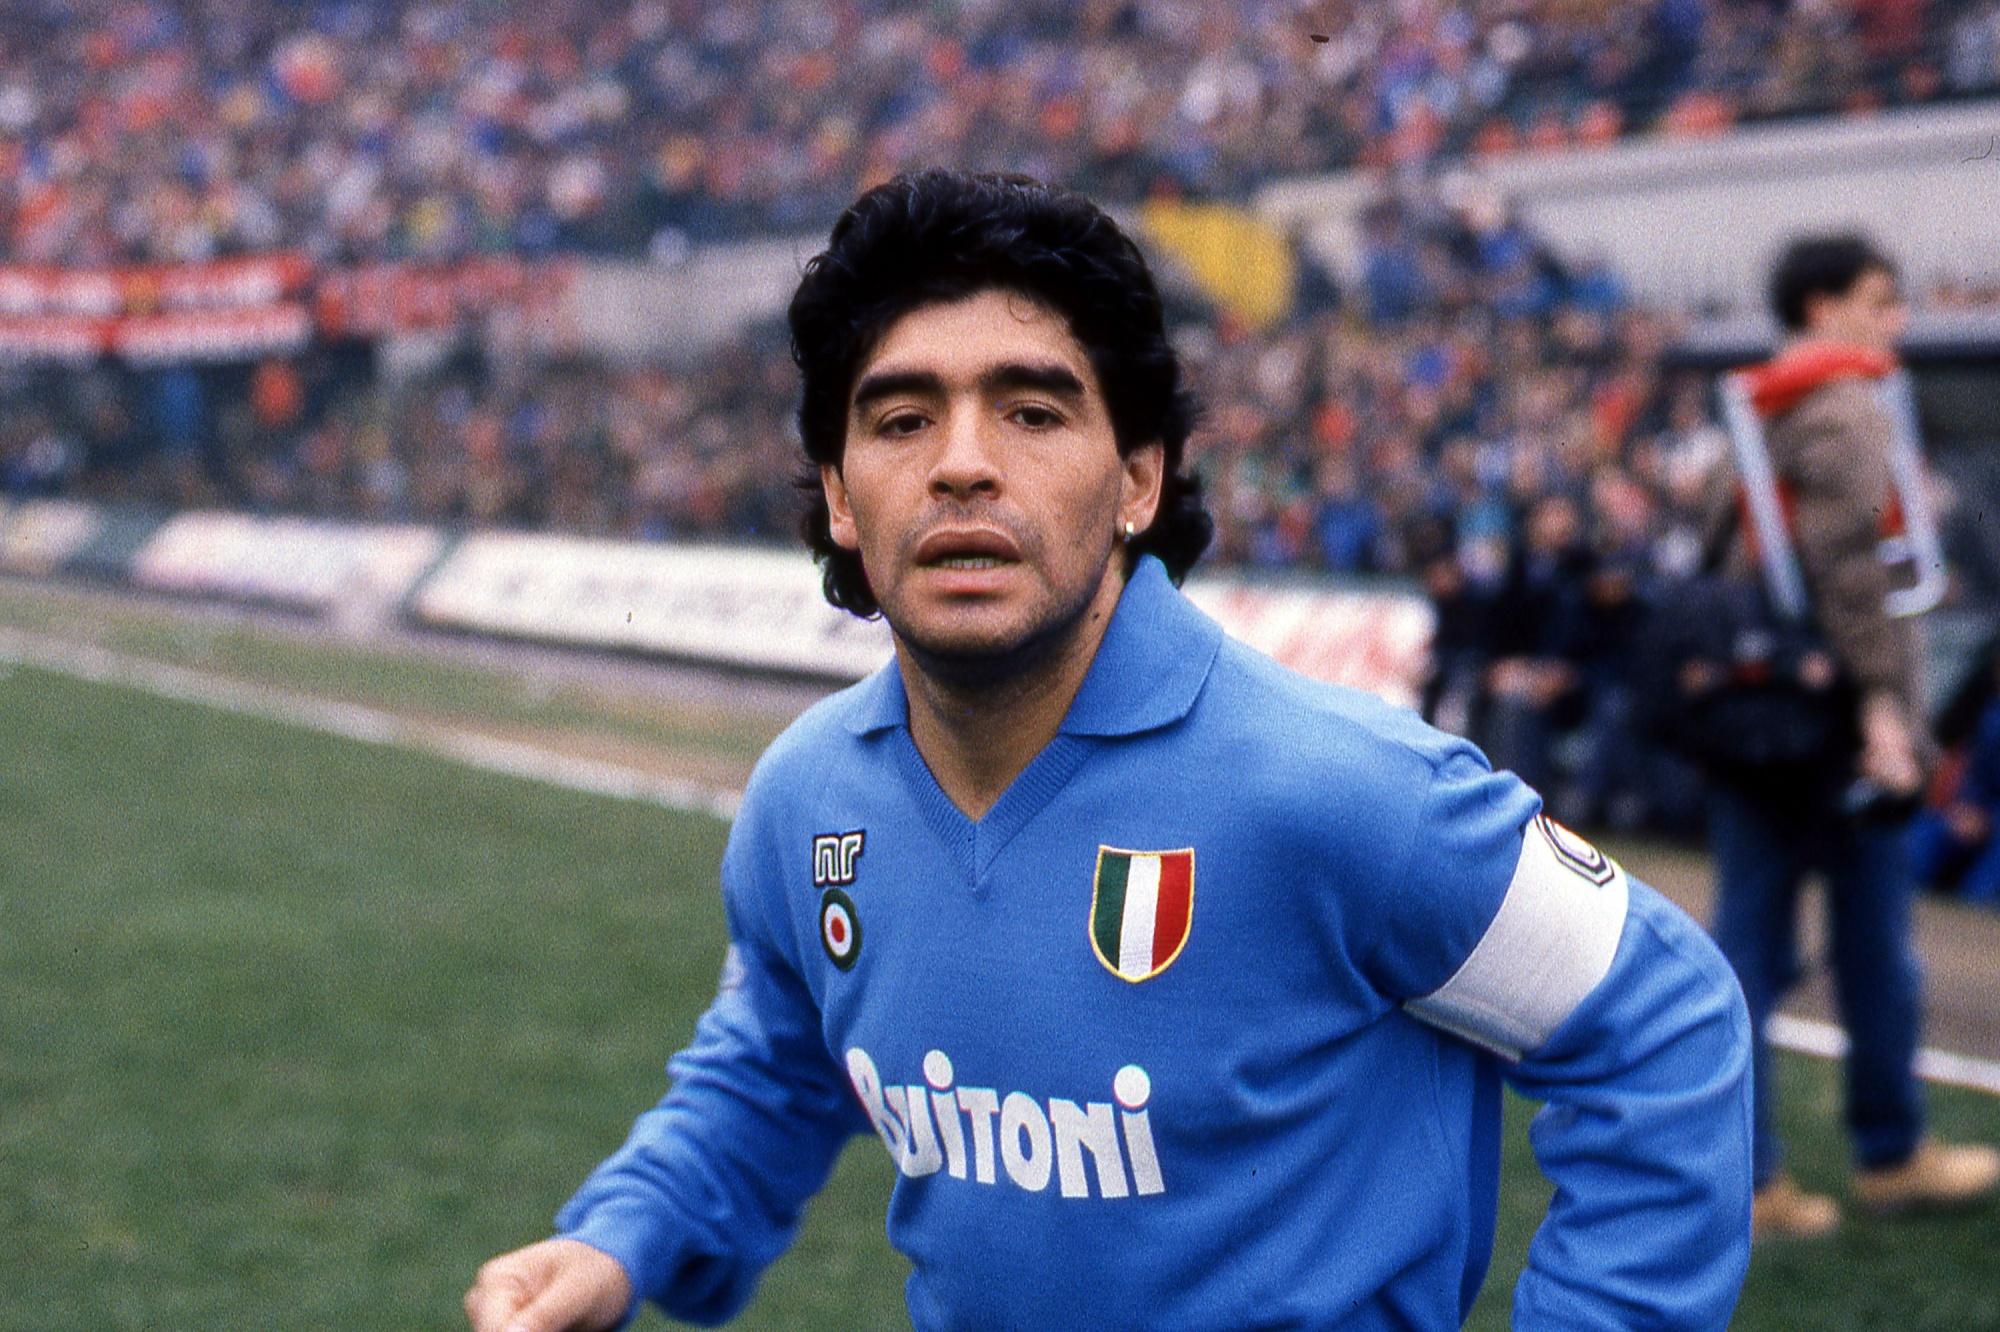 Povestea unei minuni care a devenit posibilă datorită lui Maradona - Cancan.ro